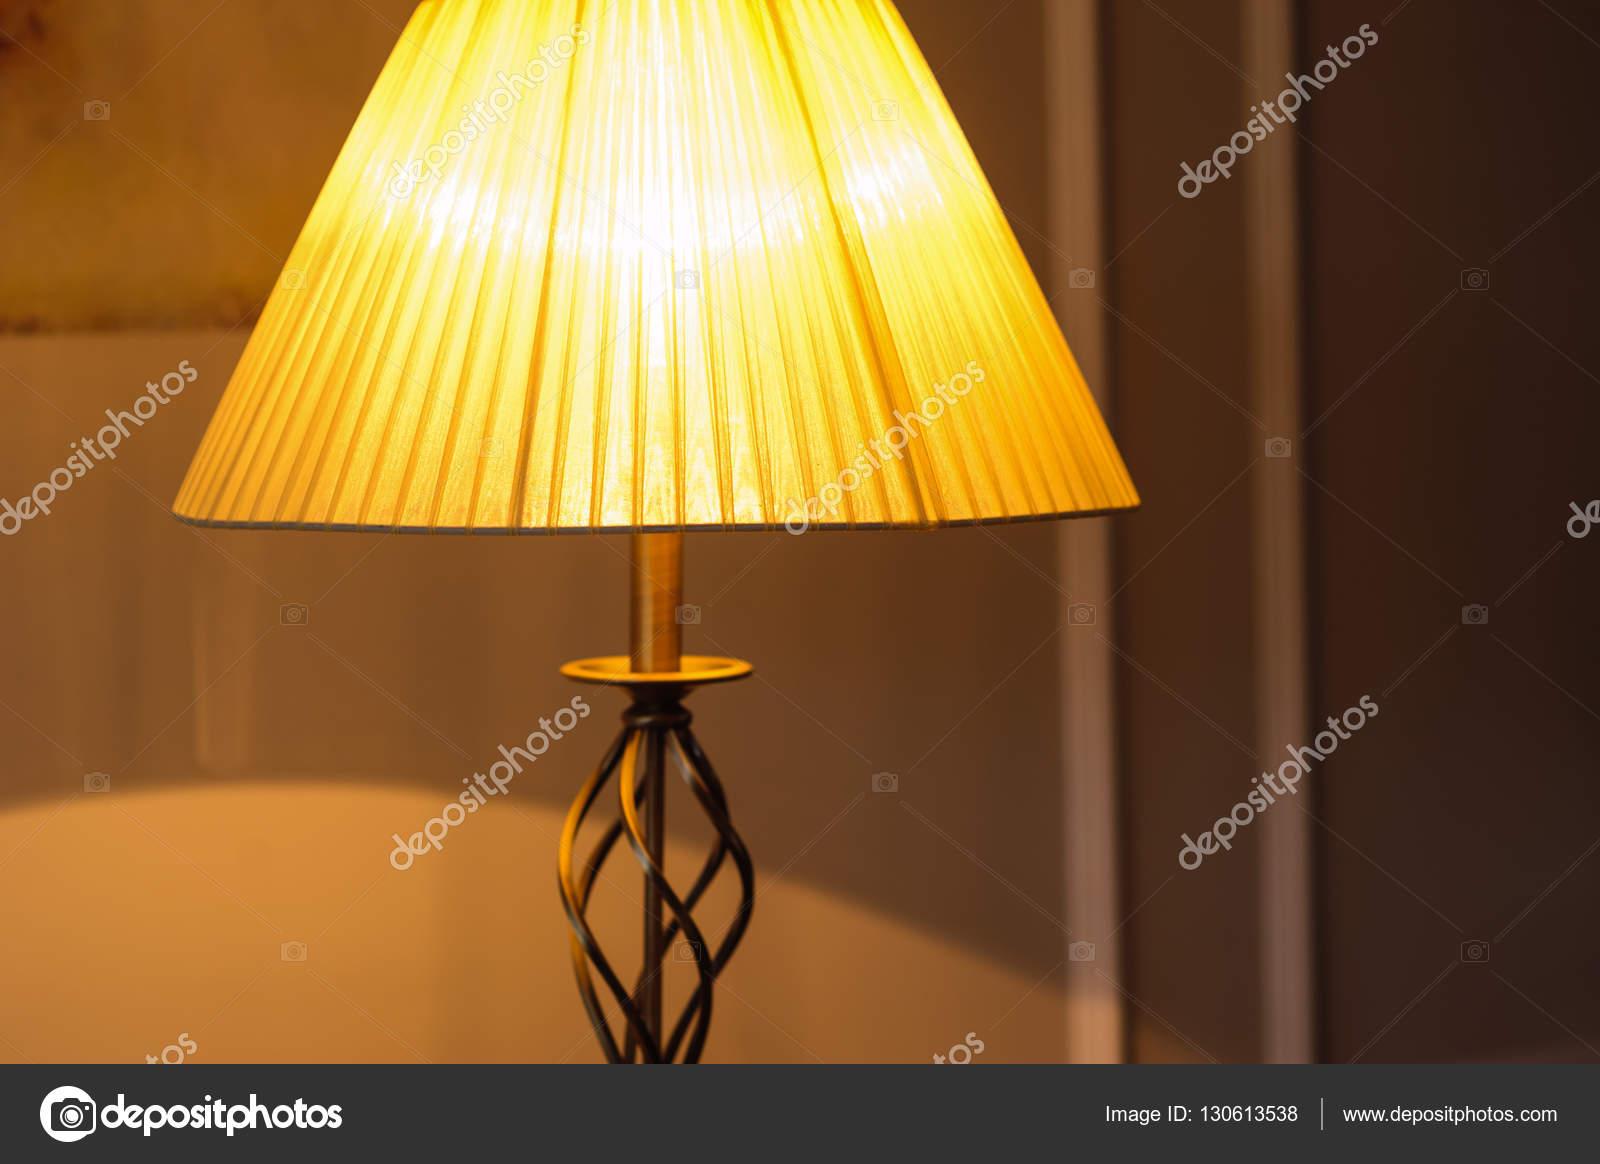 aufgenommen am Abend im Schlafzimmer Tischleuchte — Stockfoto ...